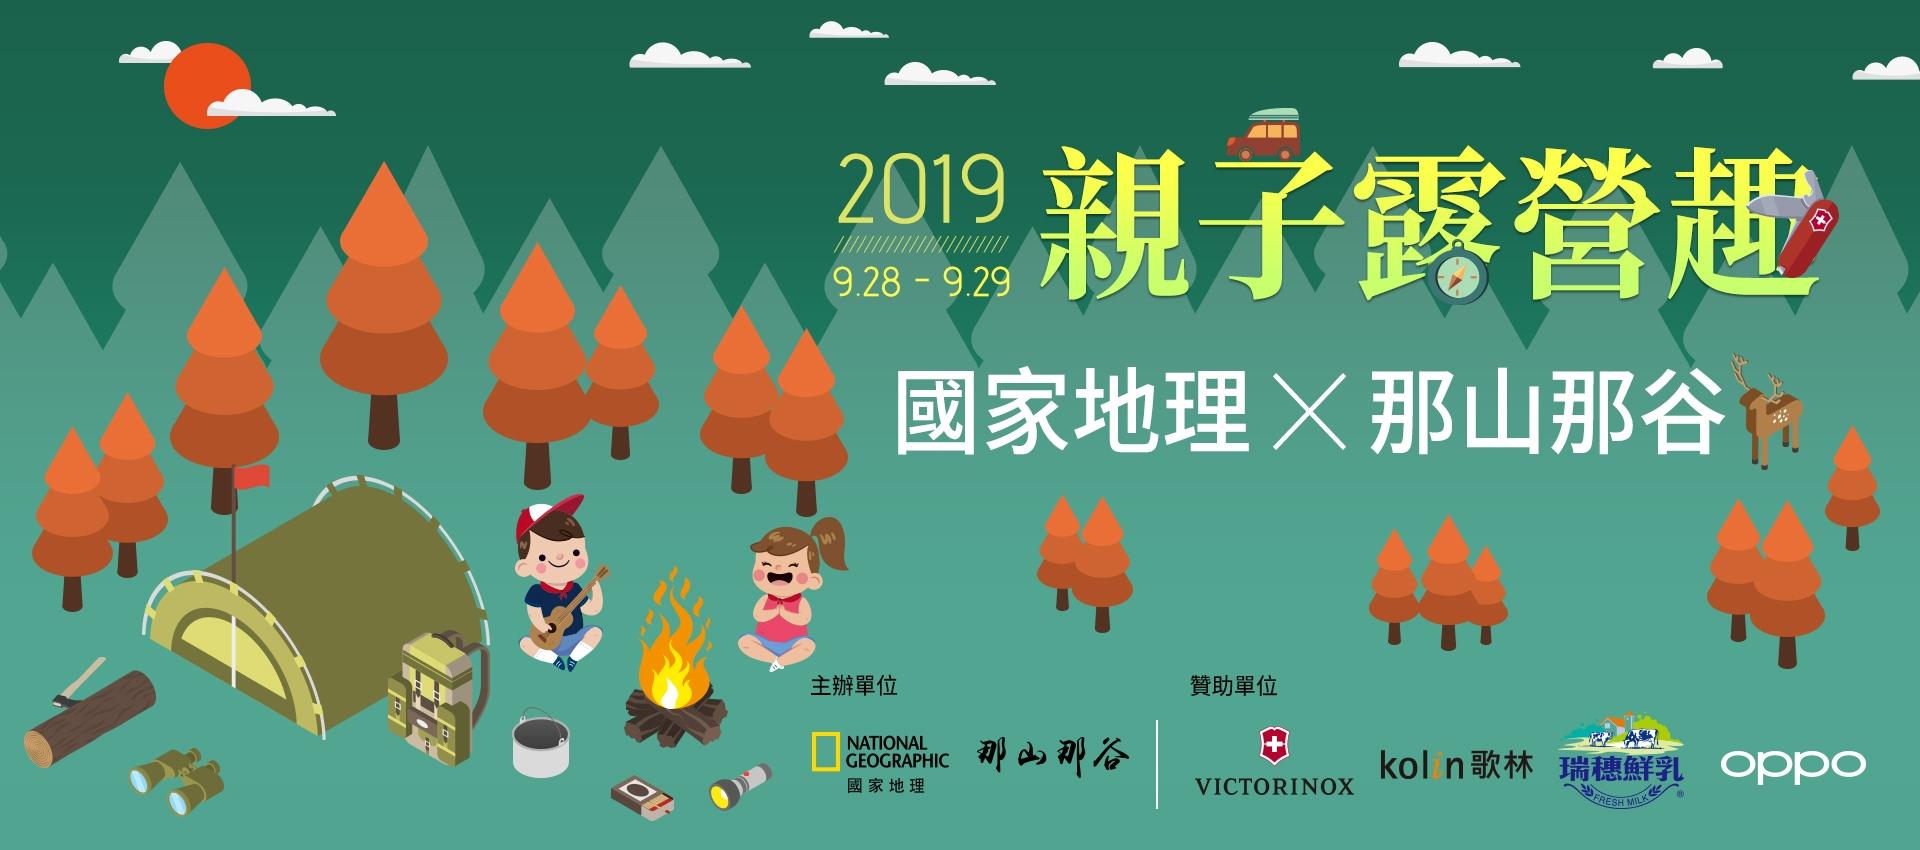 2019 國家地理X那山那谷 親子露營趣【9月場次】